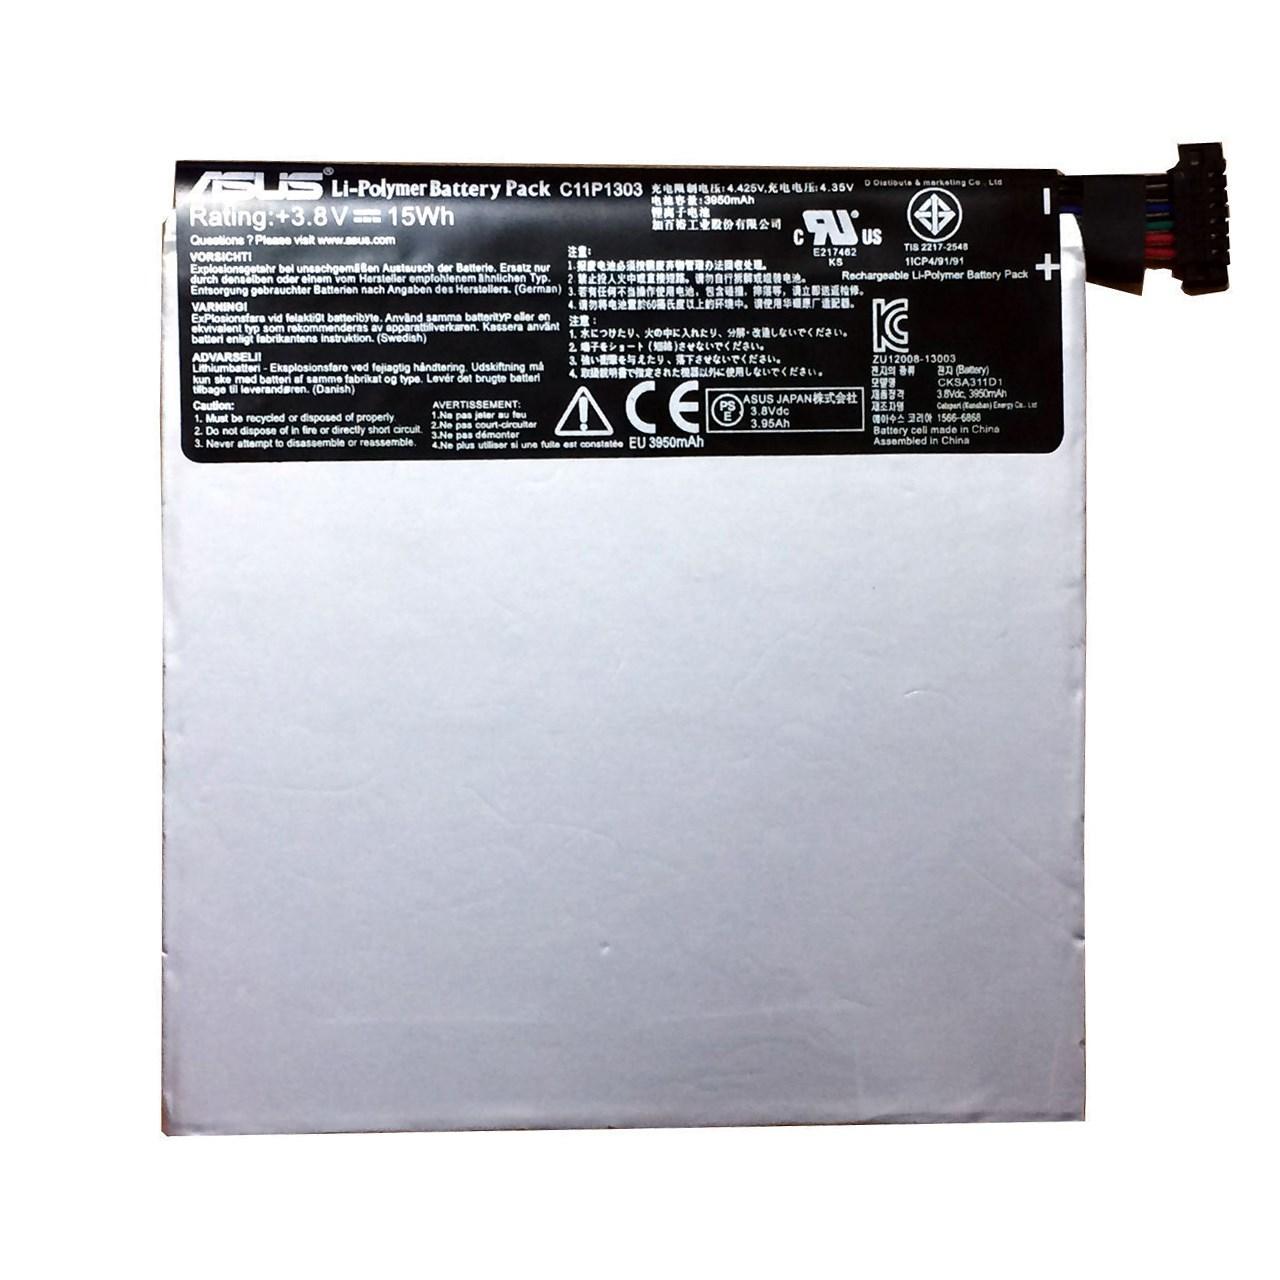 باتری تبلت مدل C11P1303 مناسب برای تبلت Google Nexus 7 LTE 2nd Generation